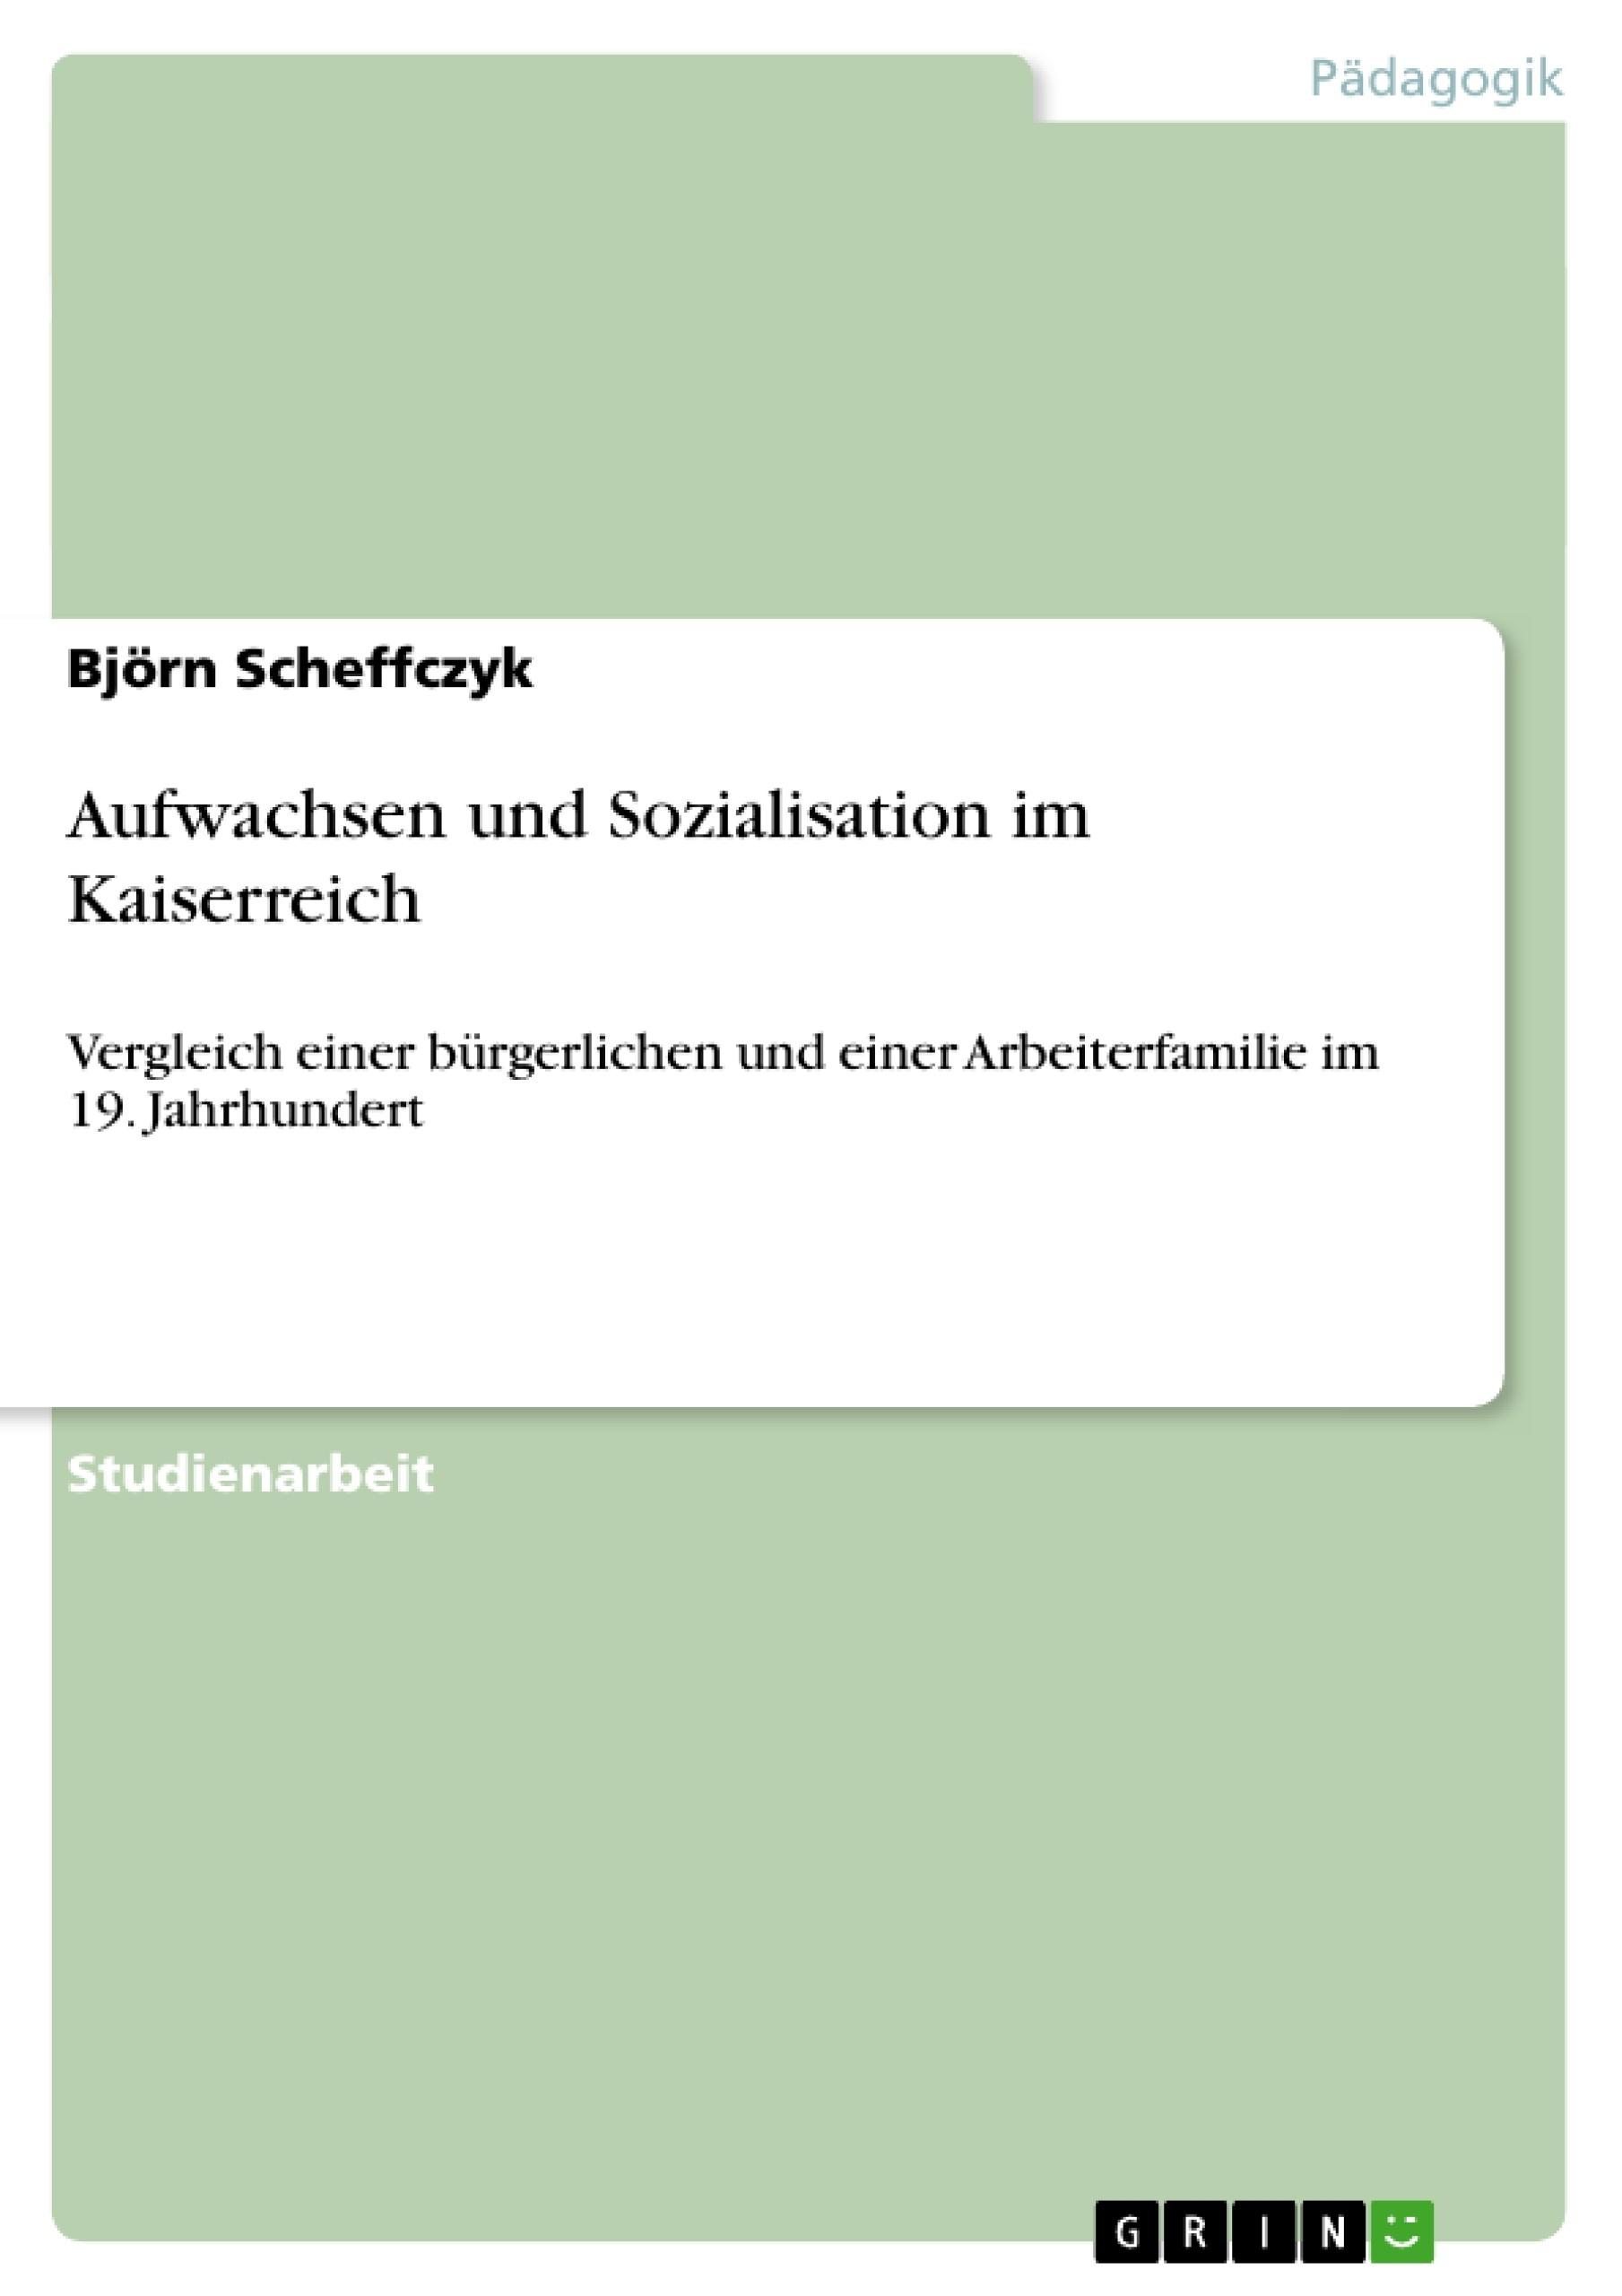 Titel: Aufwachsen und Sozialisation im Kaiserreich